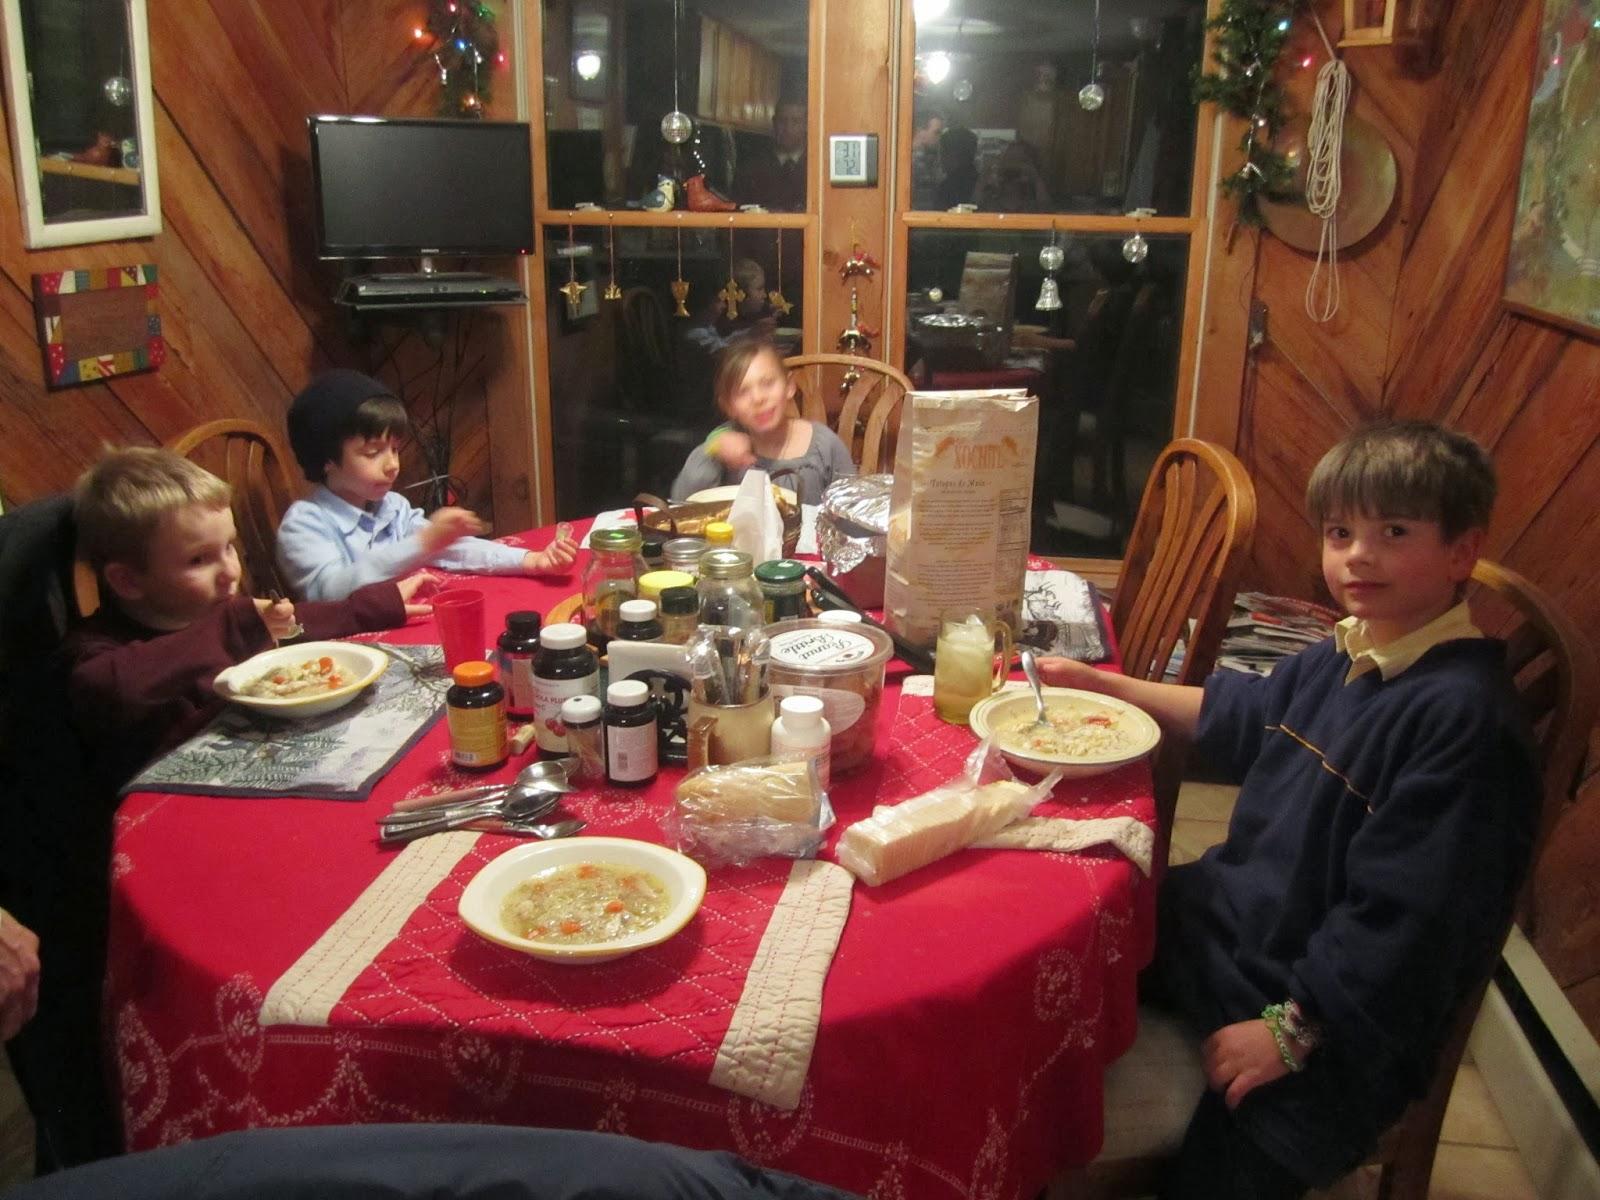 kids smiling, dinner, farm